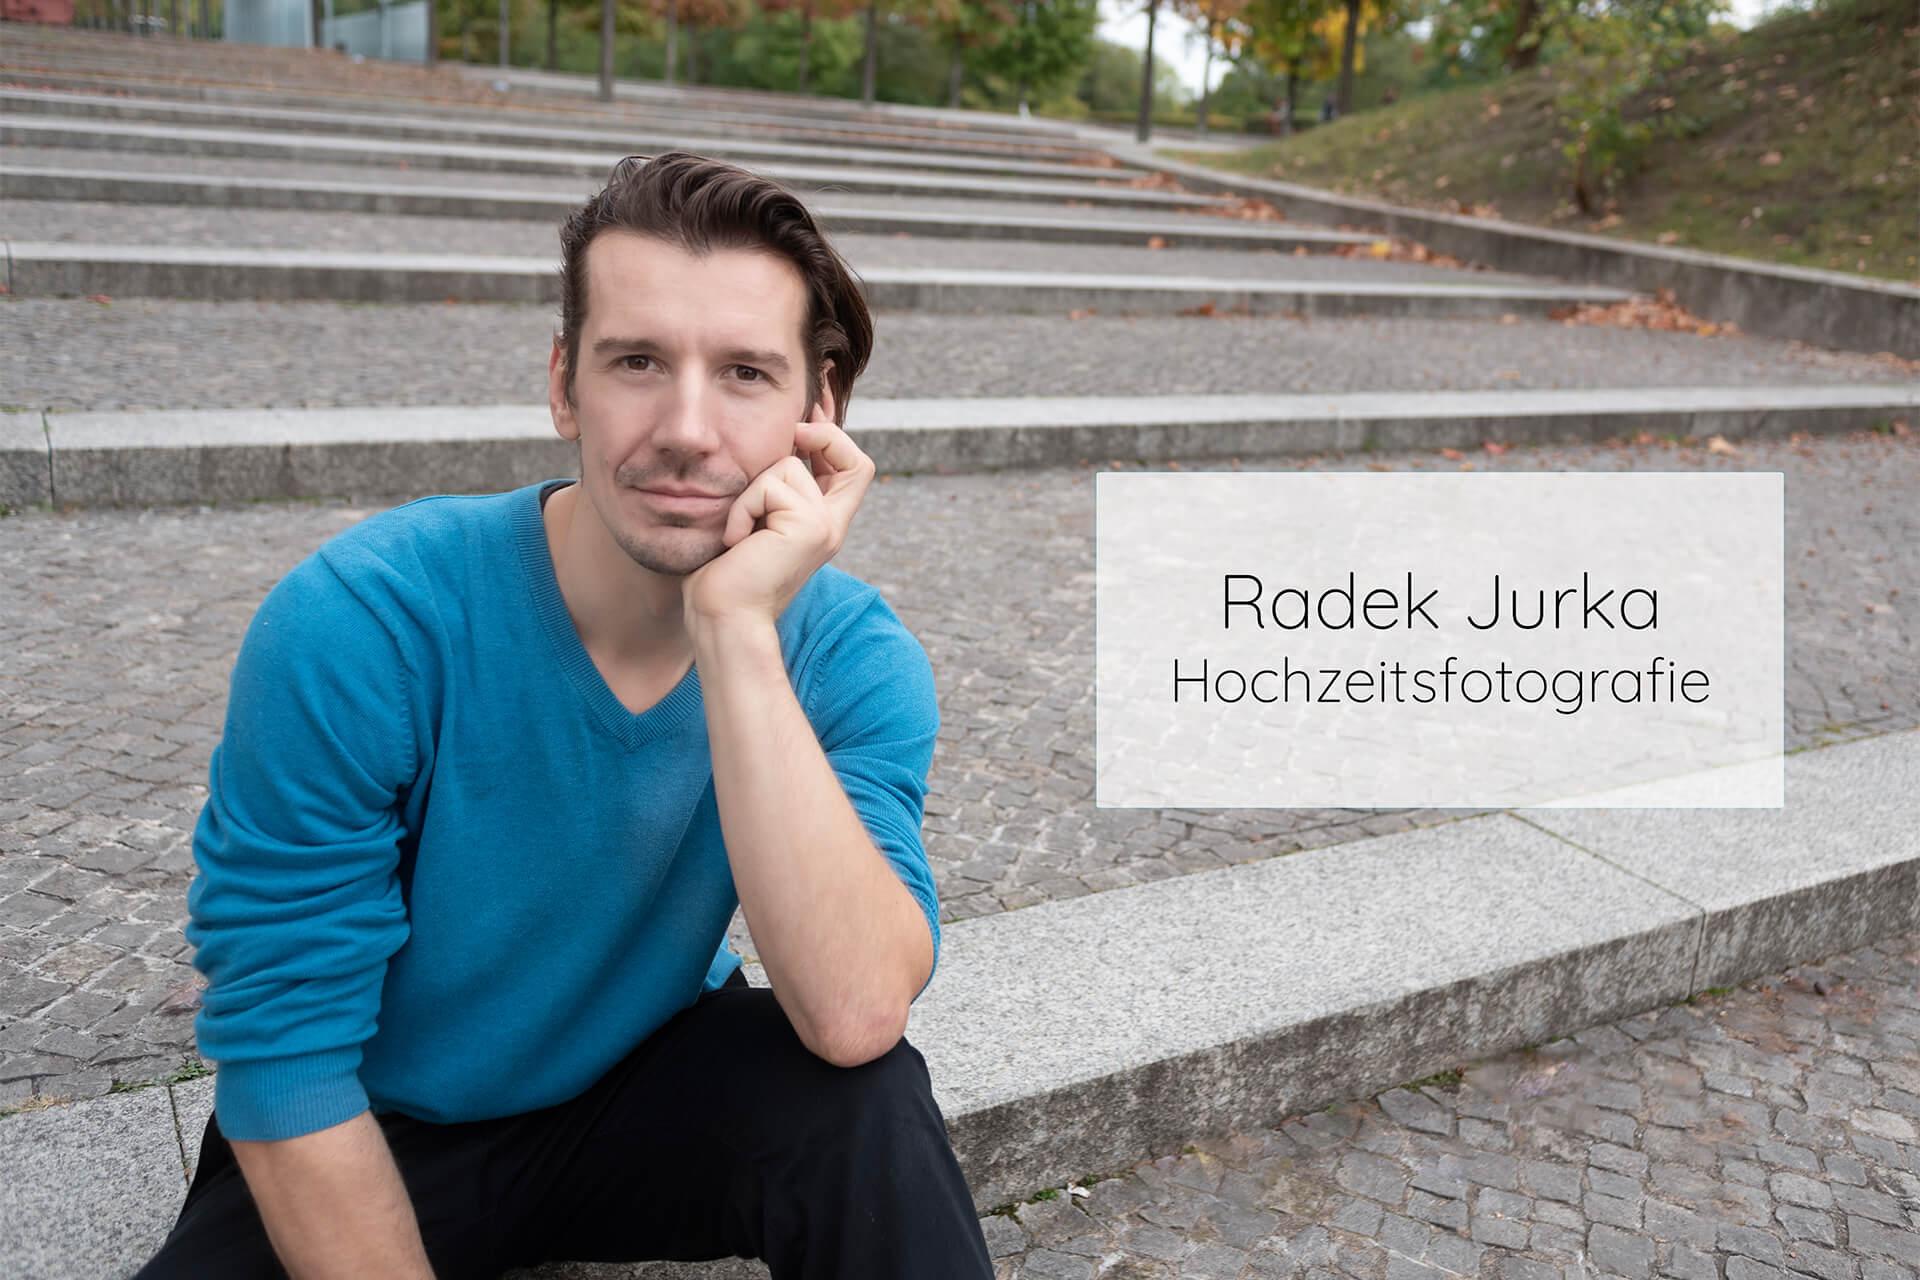 Radek Jurka Hochzeitsfotografie